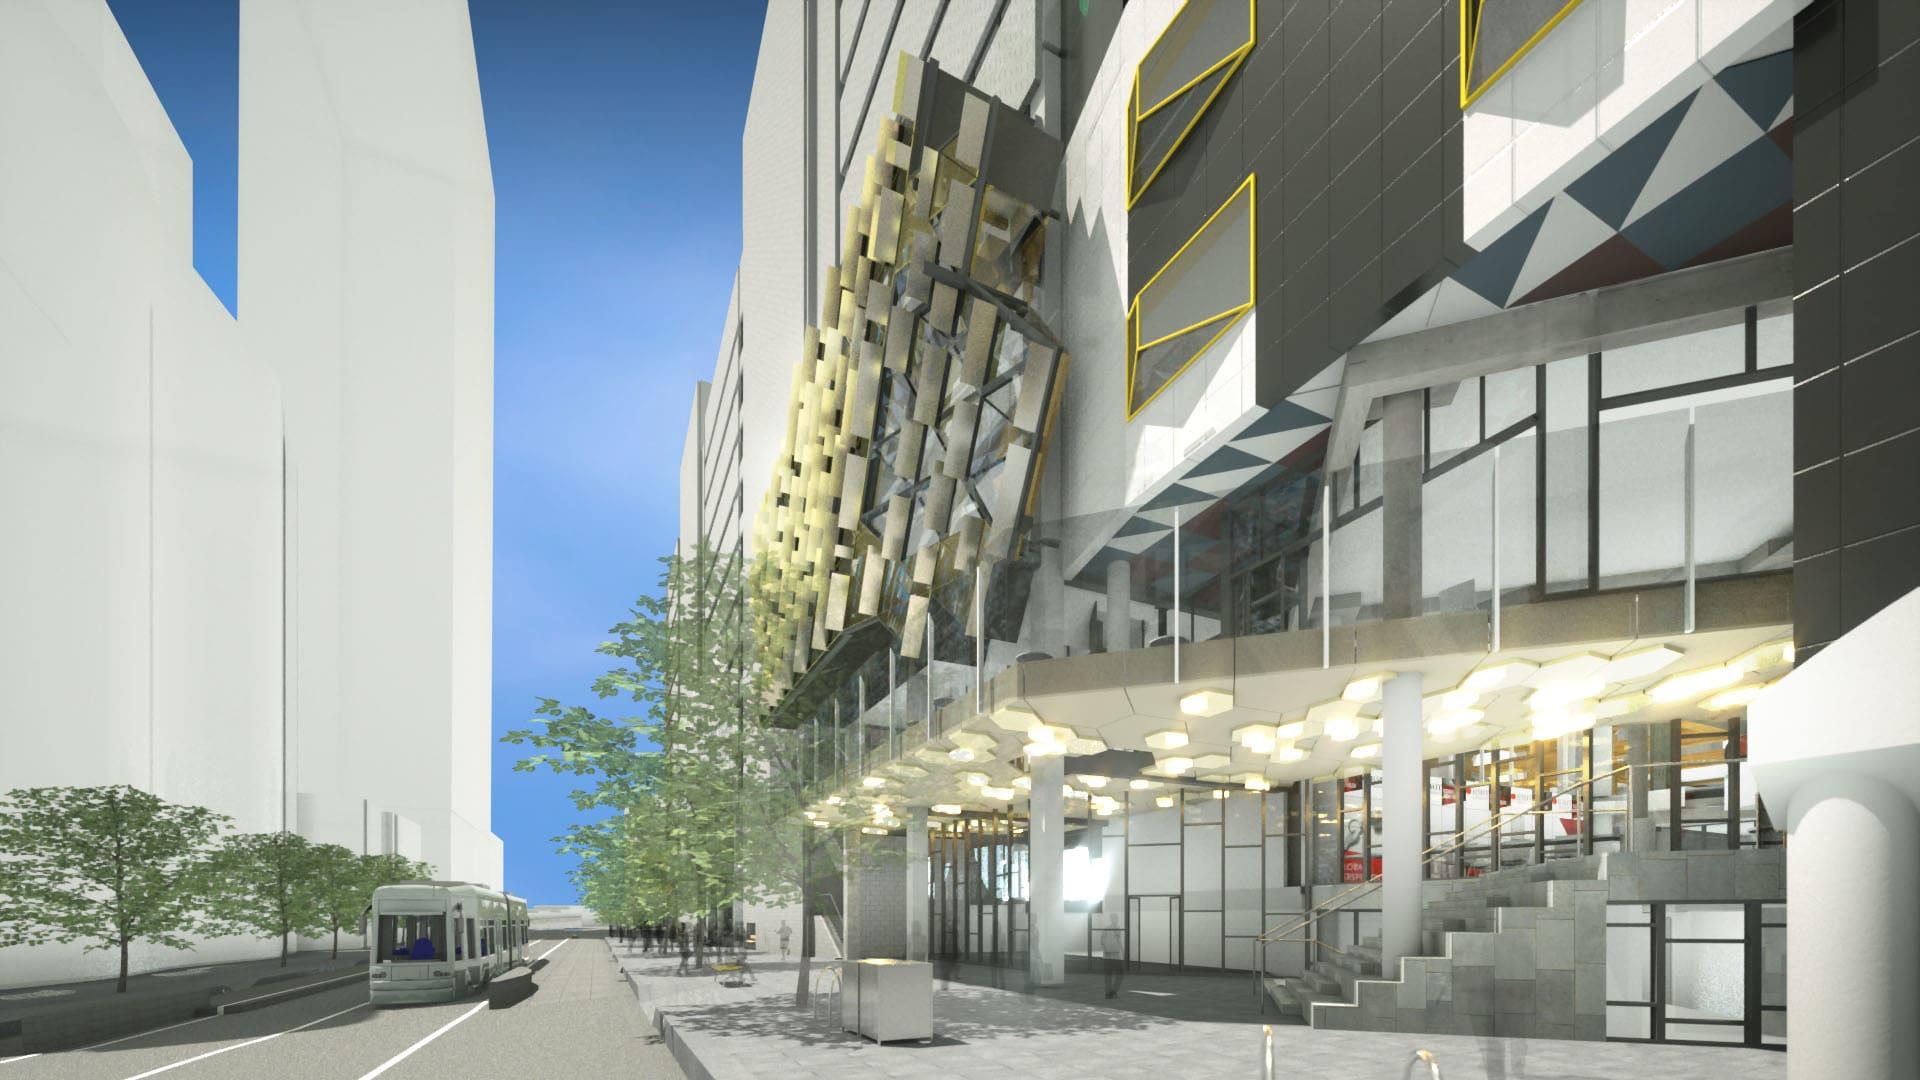 RMIT's New Academic Street © RMIT University